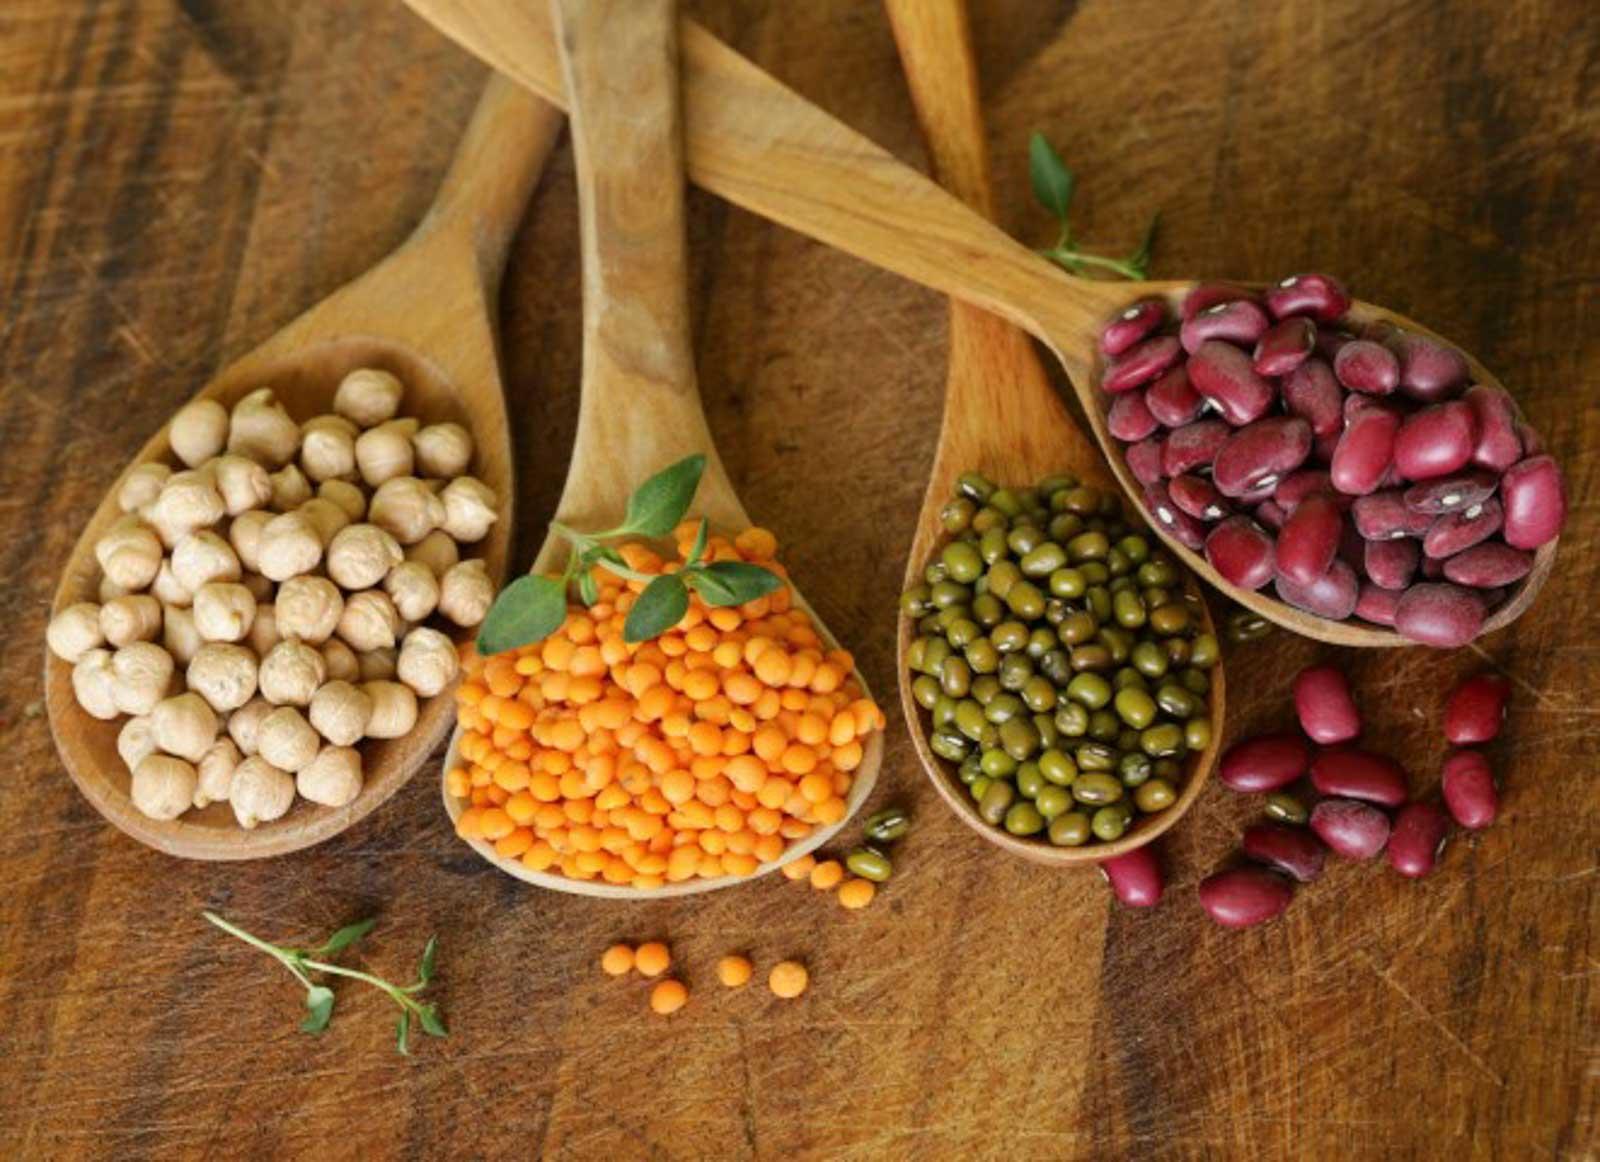 Verschiedene Hülsenfrüchte die nicht für die ketogene Ernährung geeignet sind.